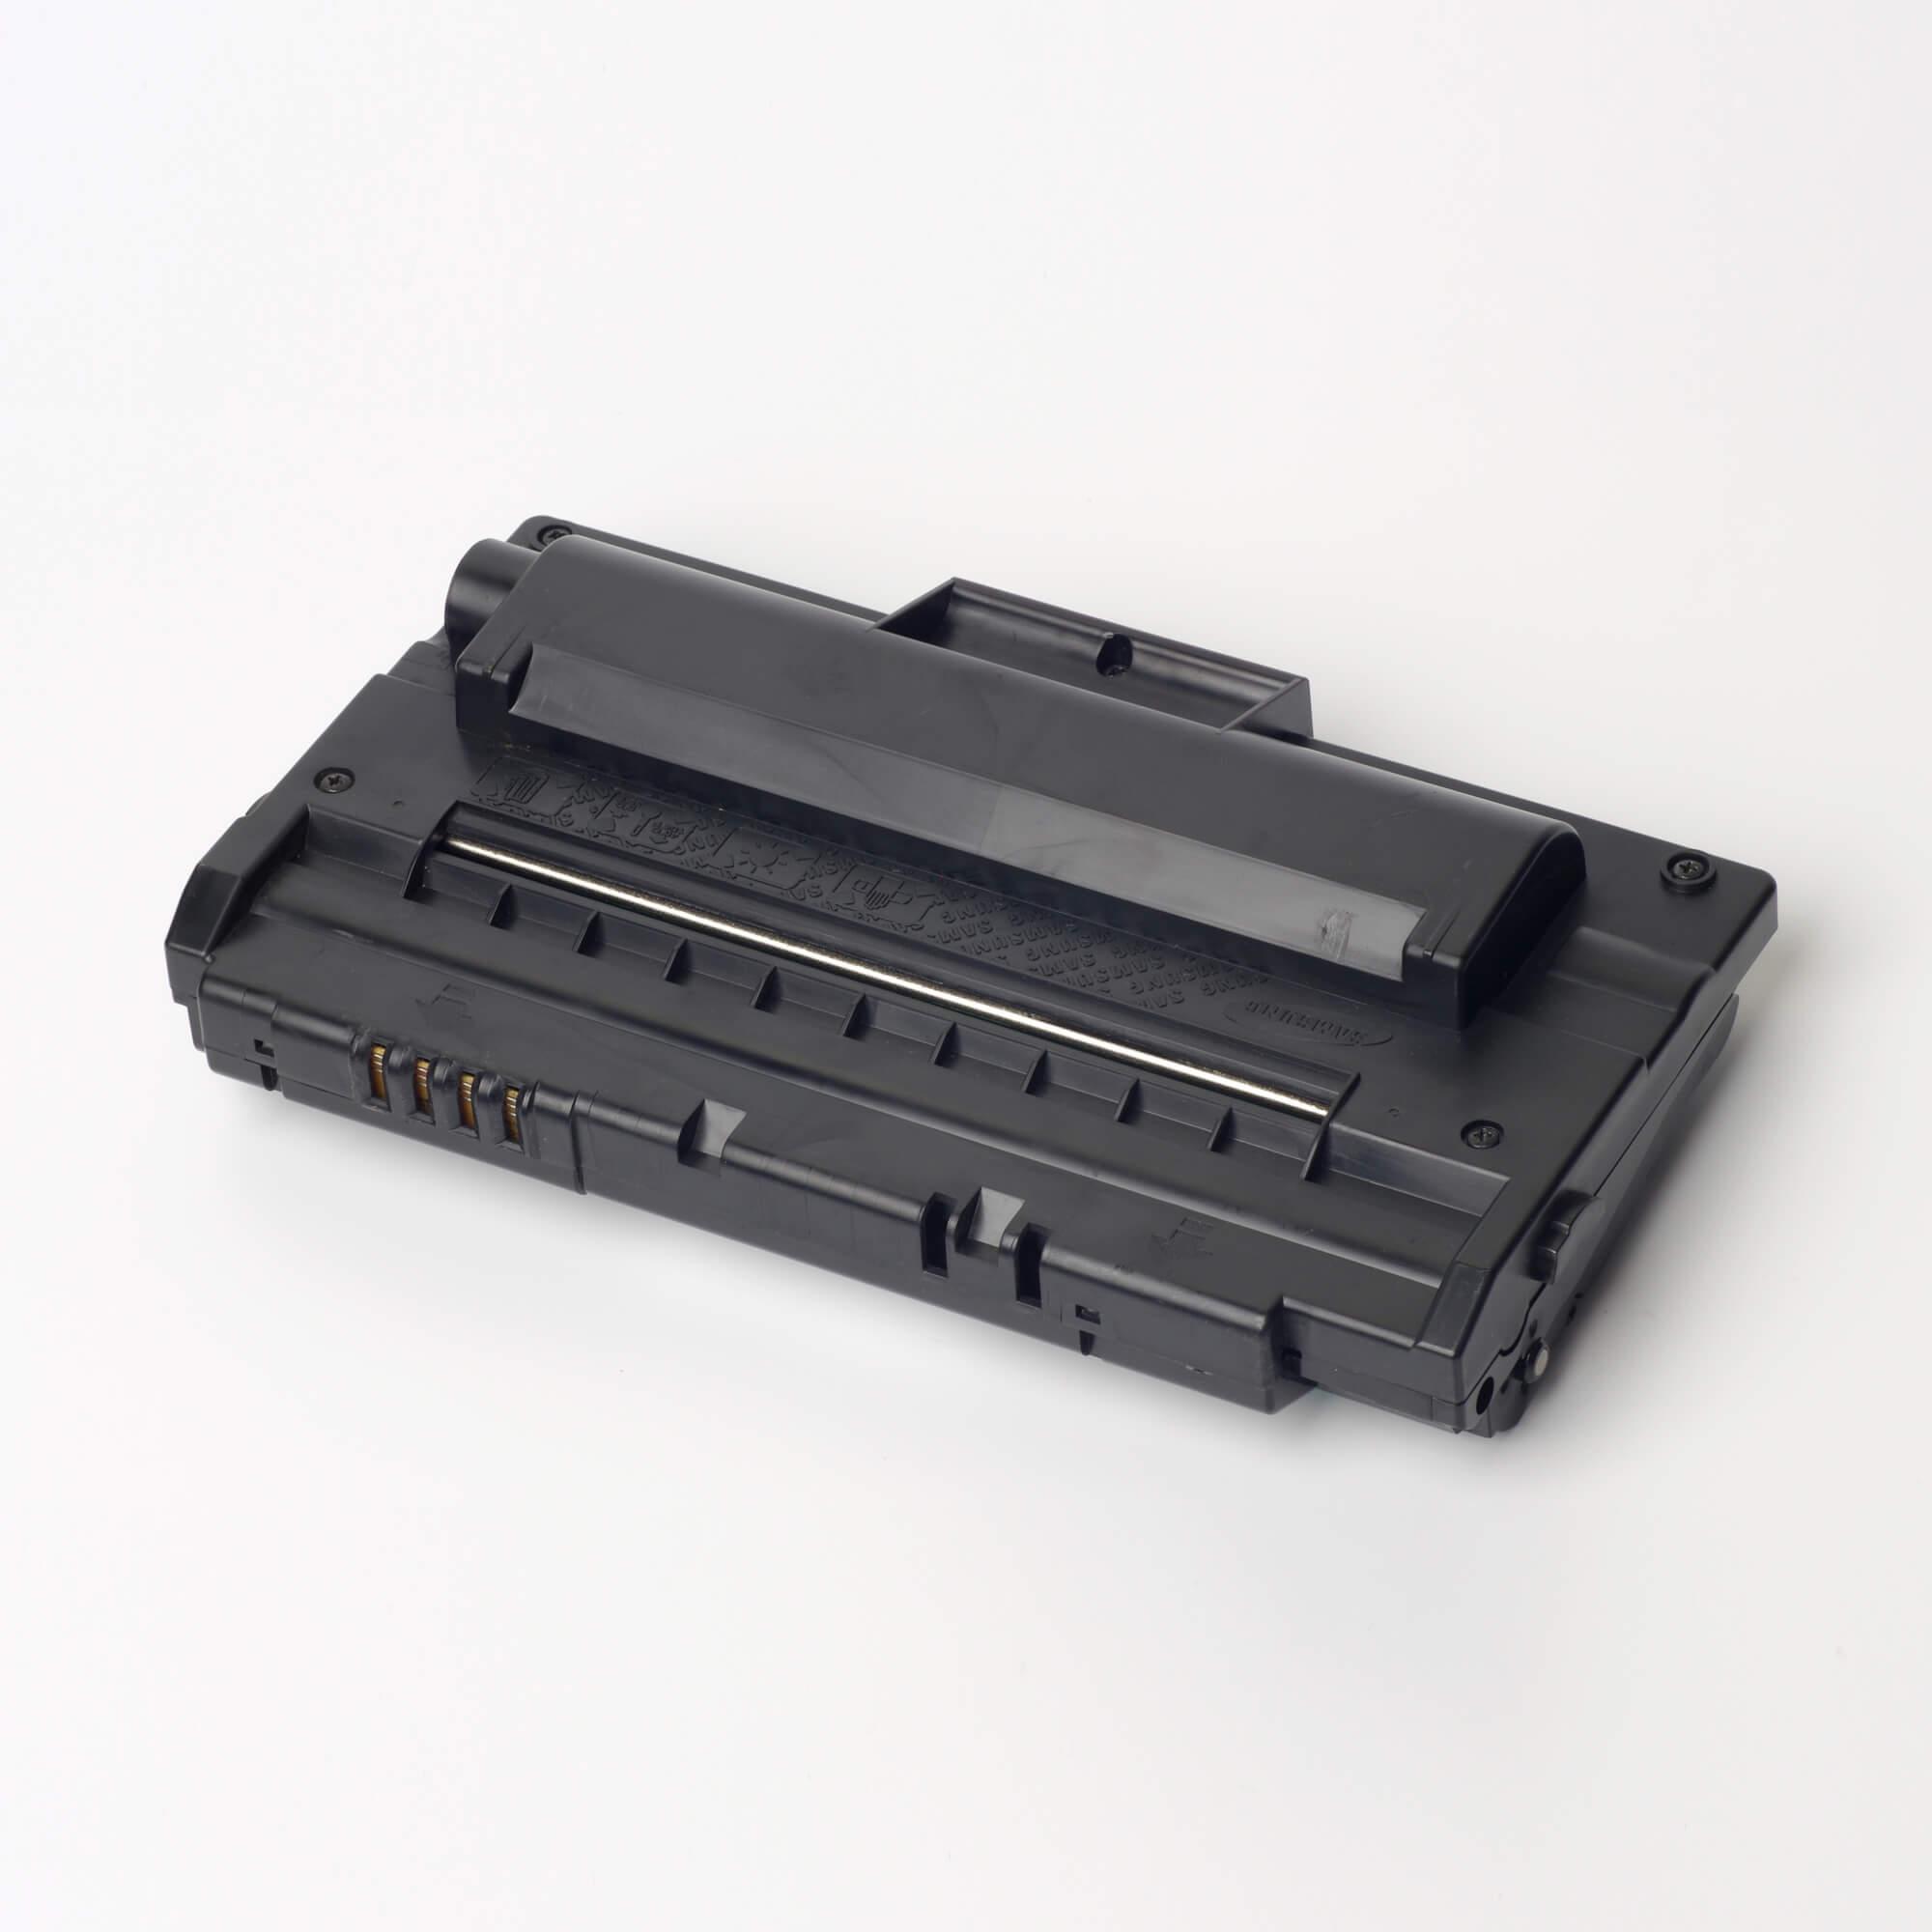 Auf dem Bild sehen Sie eine Samsung SCX-4720D5/ELS Original Toner Schwarz